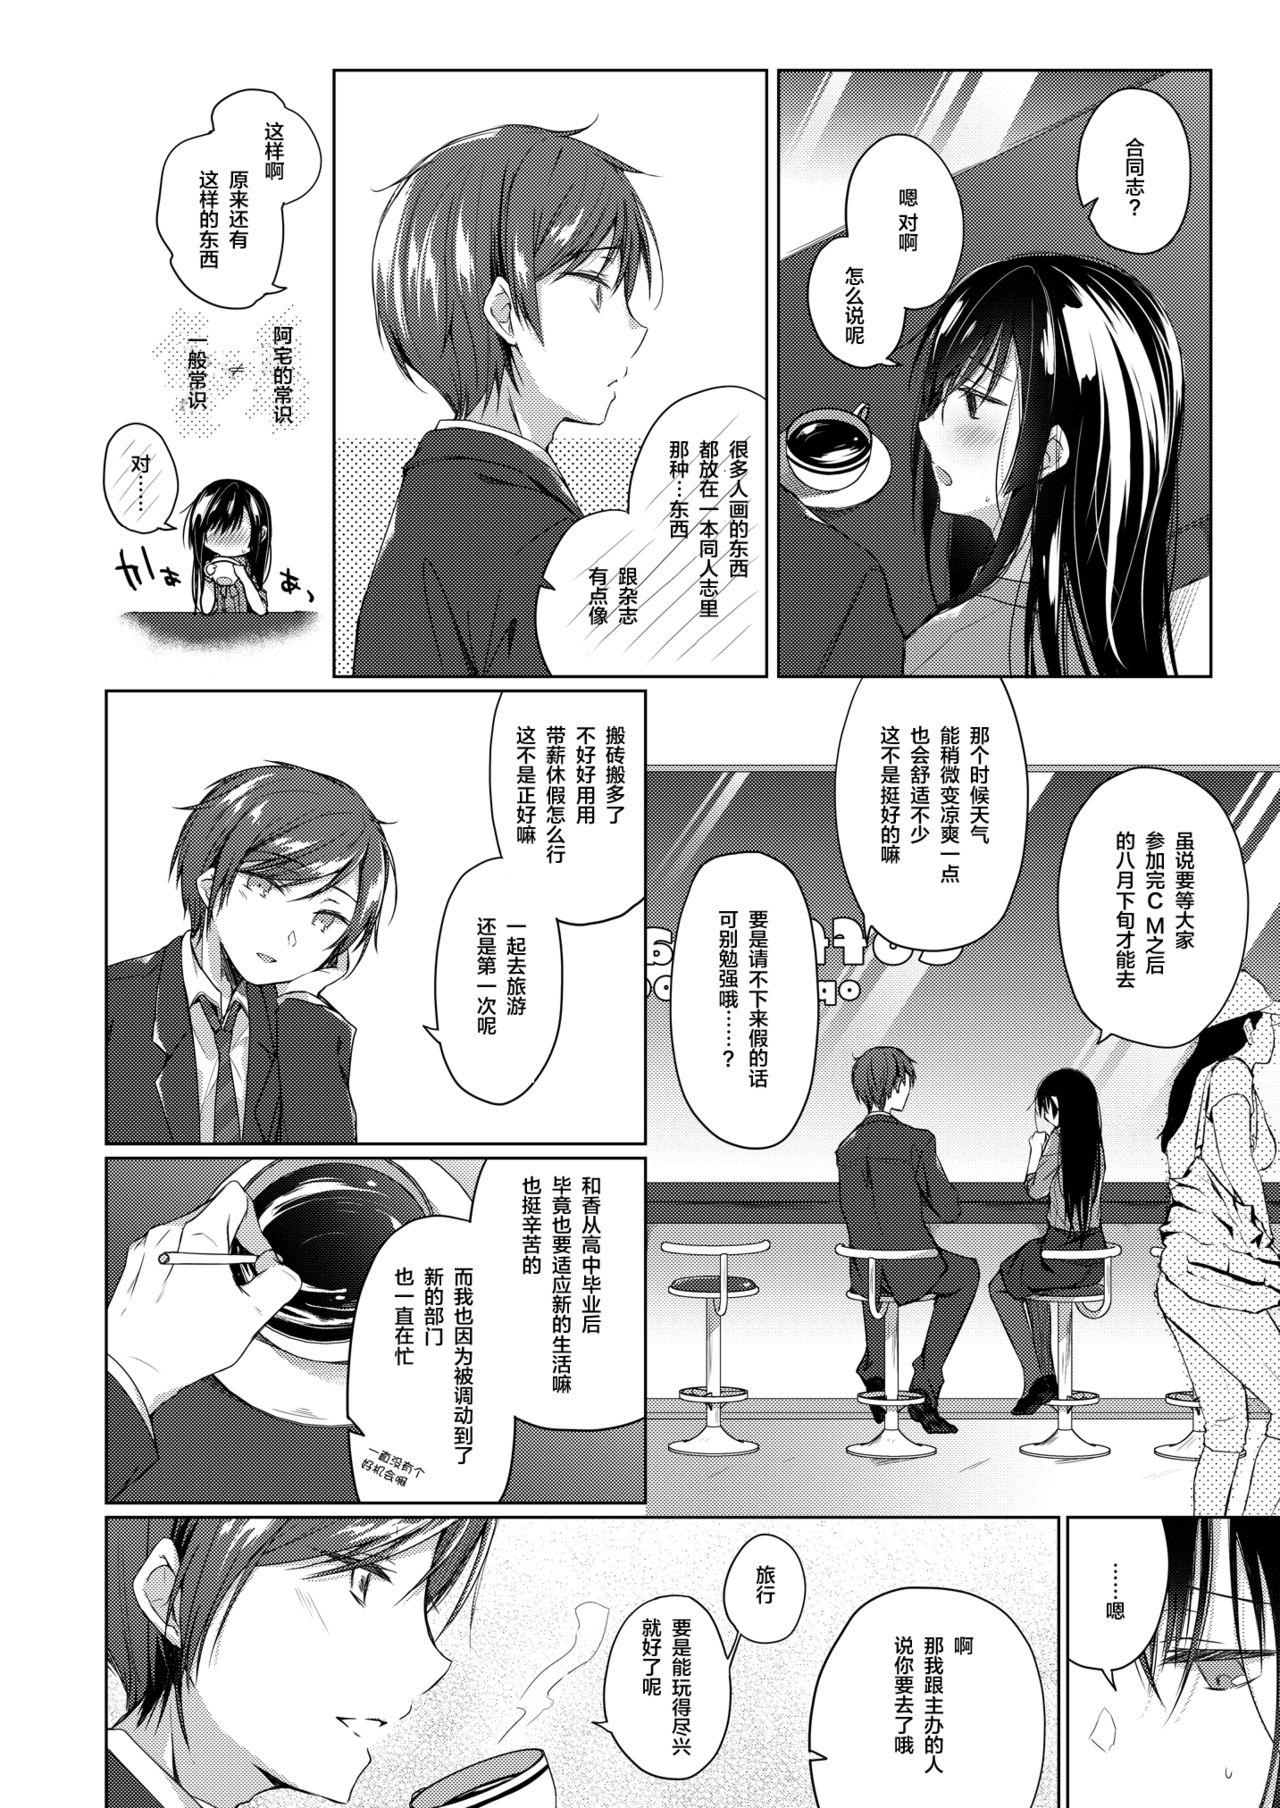 Ero Doujin Sakka no Boku no Kanojo wa Uwaki nante Shinai. 3 - She will never let me down. 9